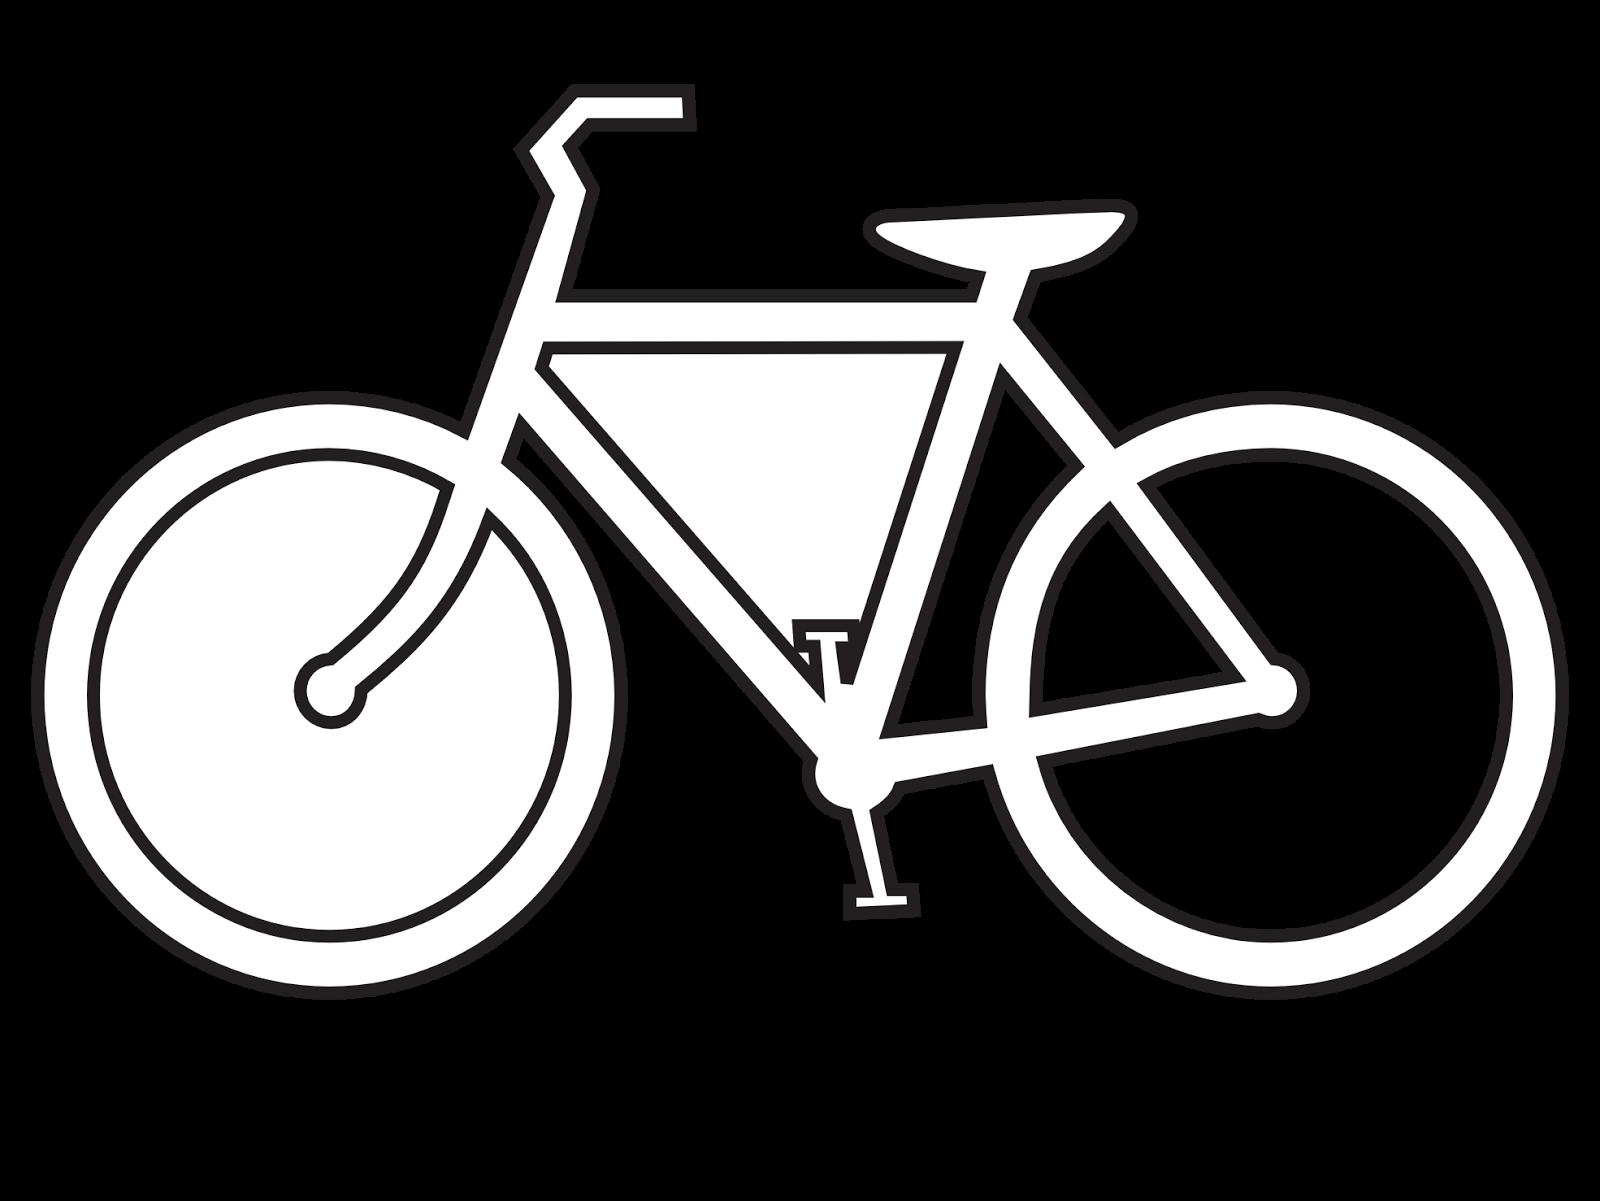 chain. Bike clipart border